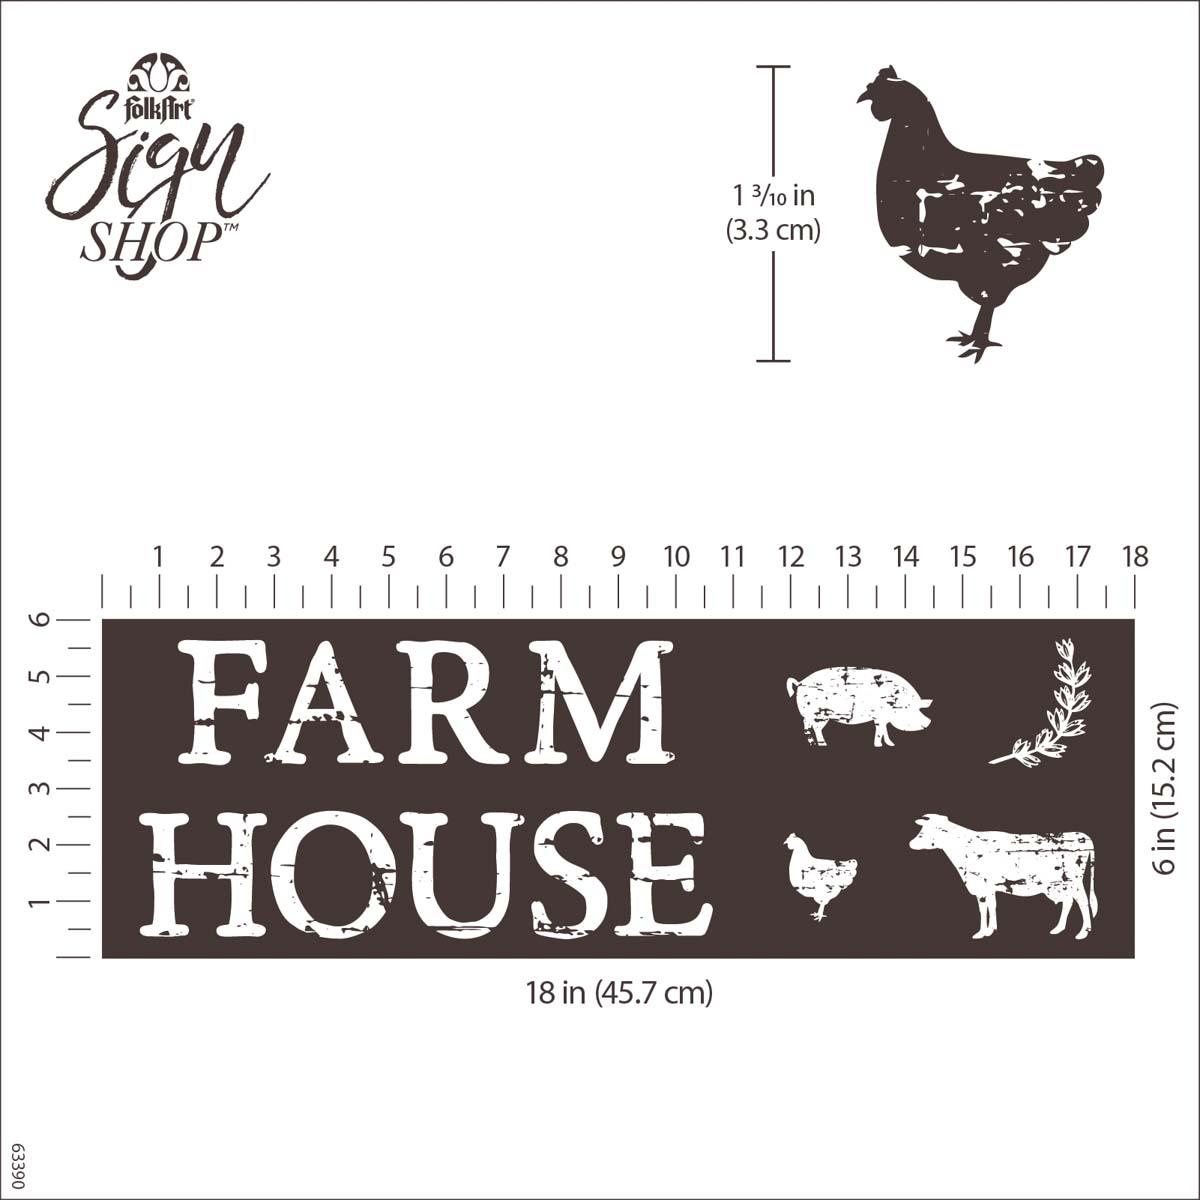 FolkArt ® Sign Shop™ Mesh Stencil - Farmhouse - 63390